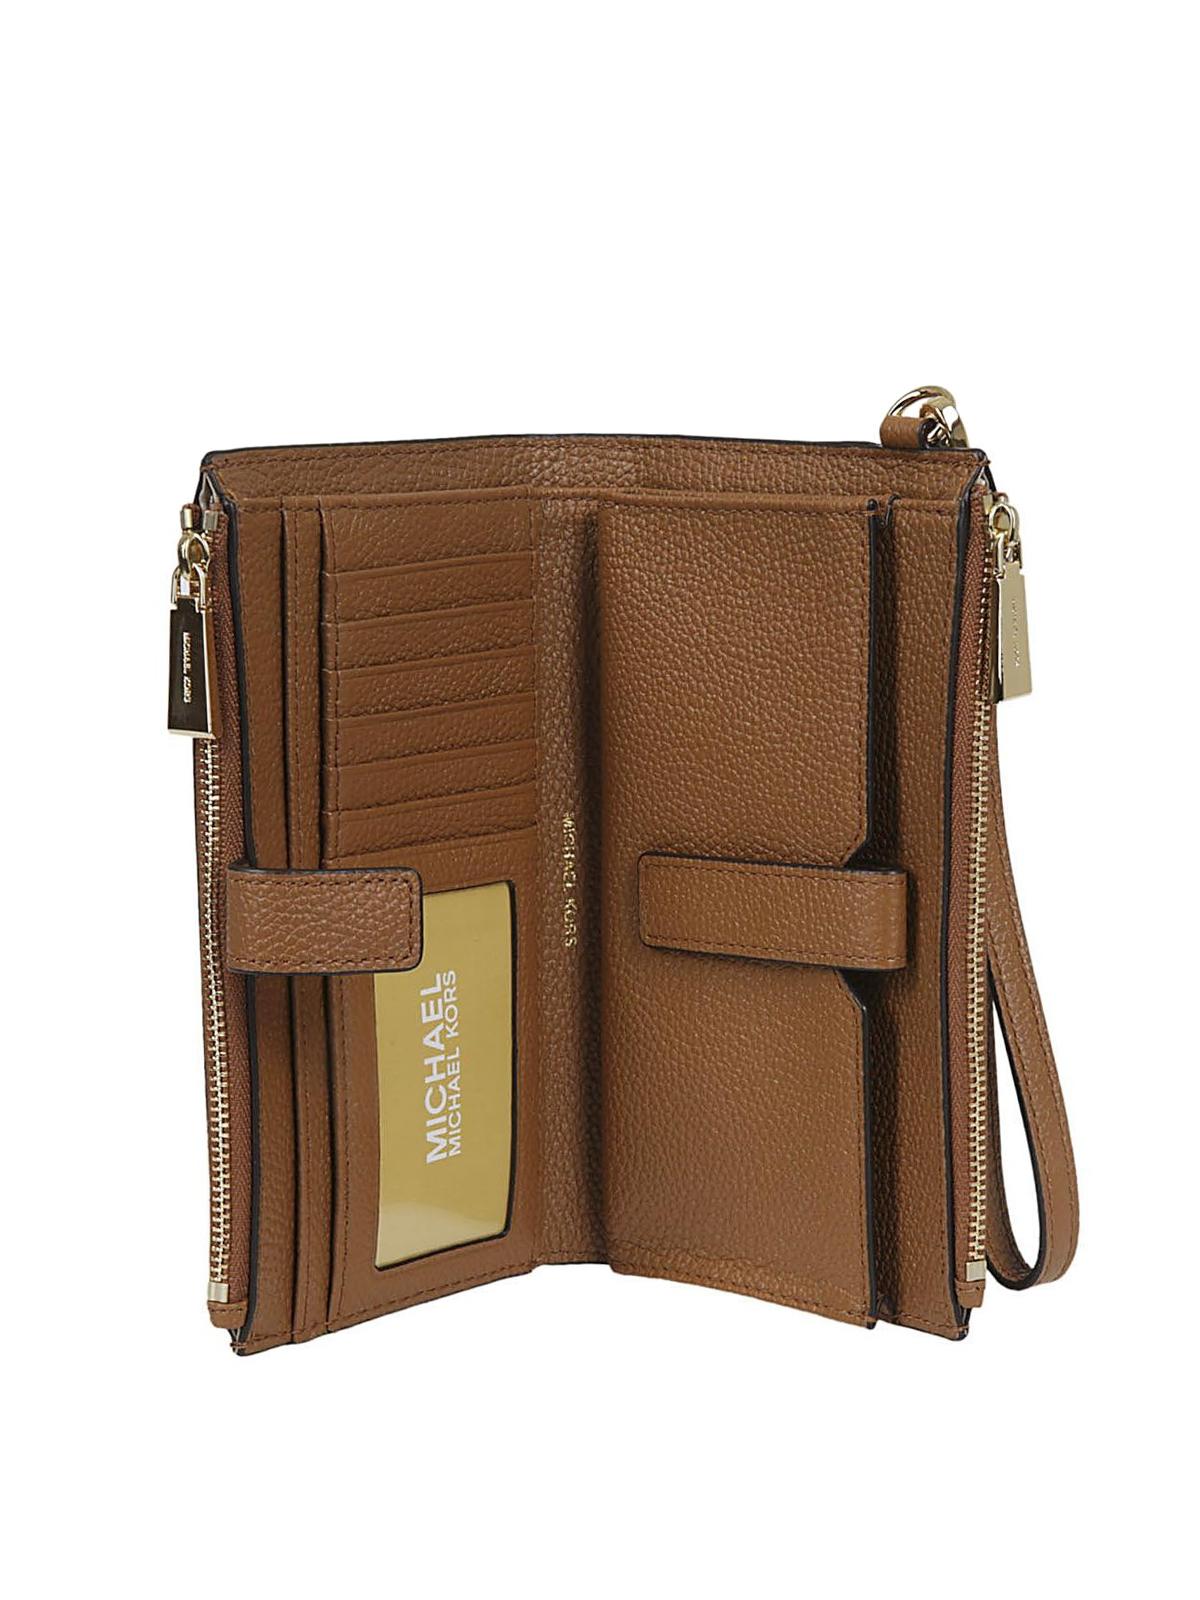 863eb9788ce5 Adele acorn double zip wallet shop online  MICHAEL KORS. MICHAEL KORS   wallets   purses ...